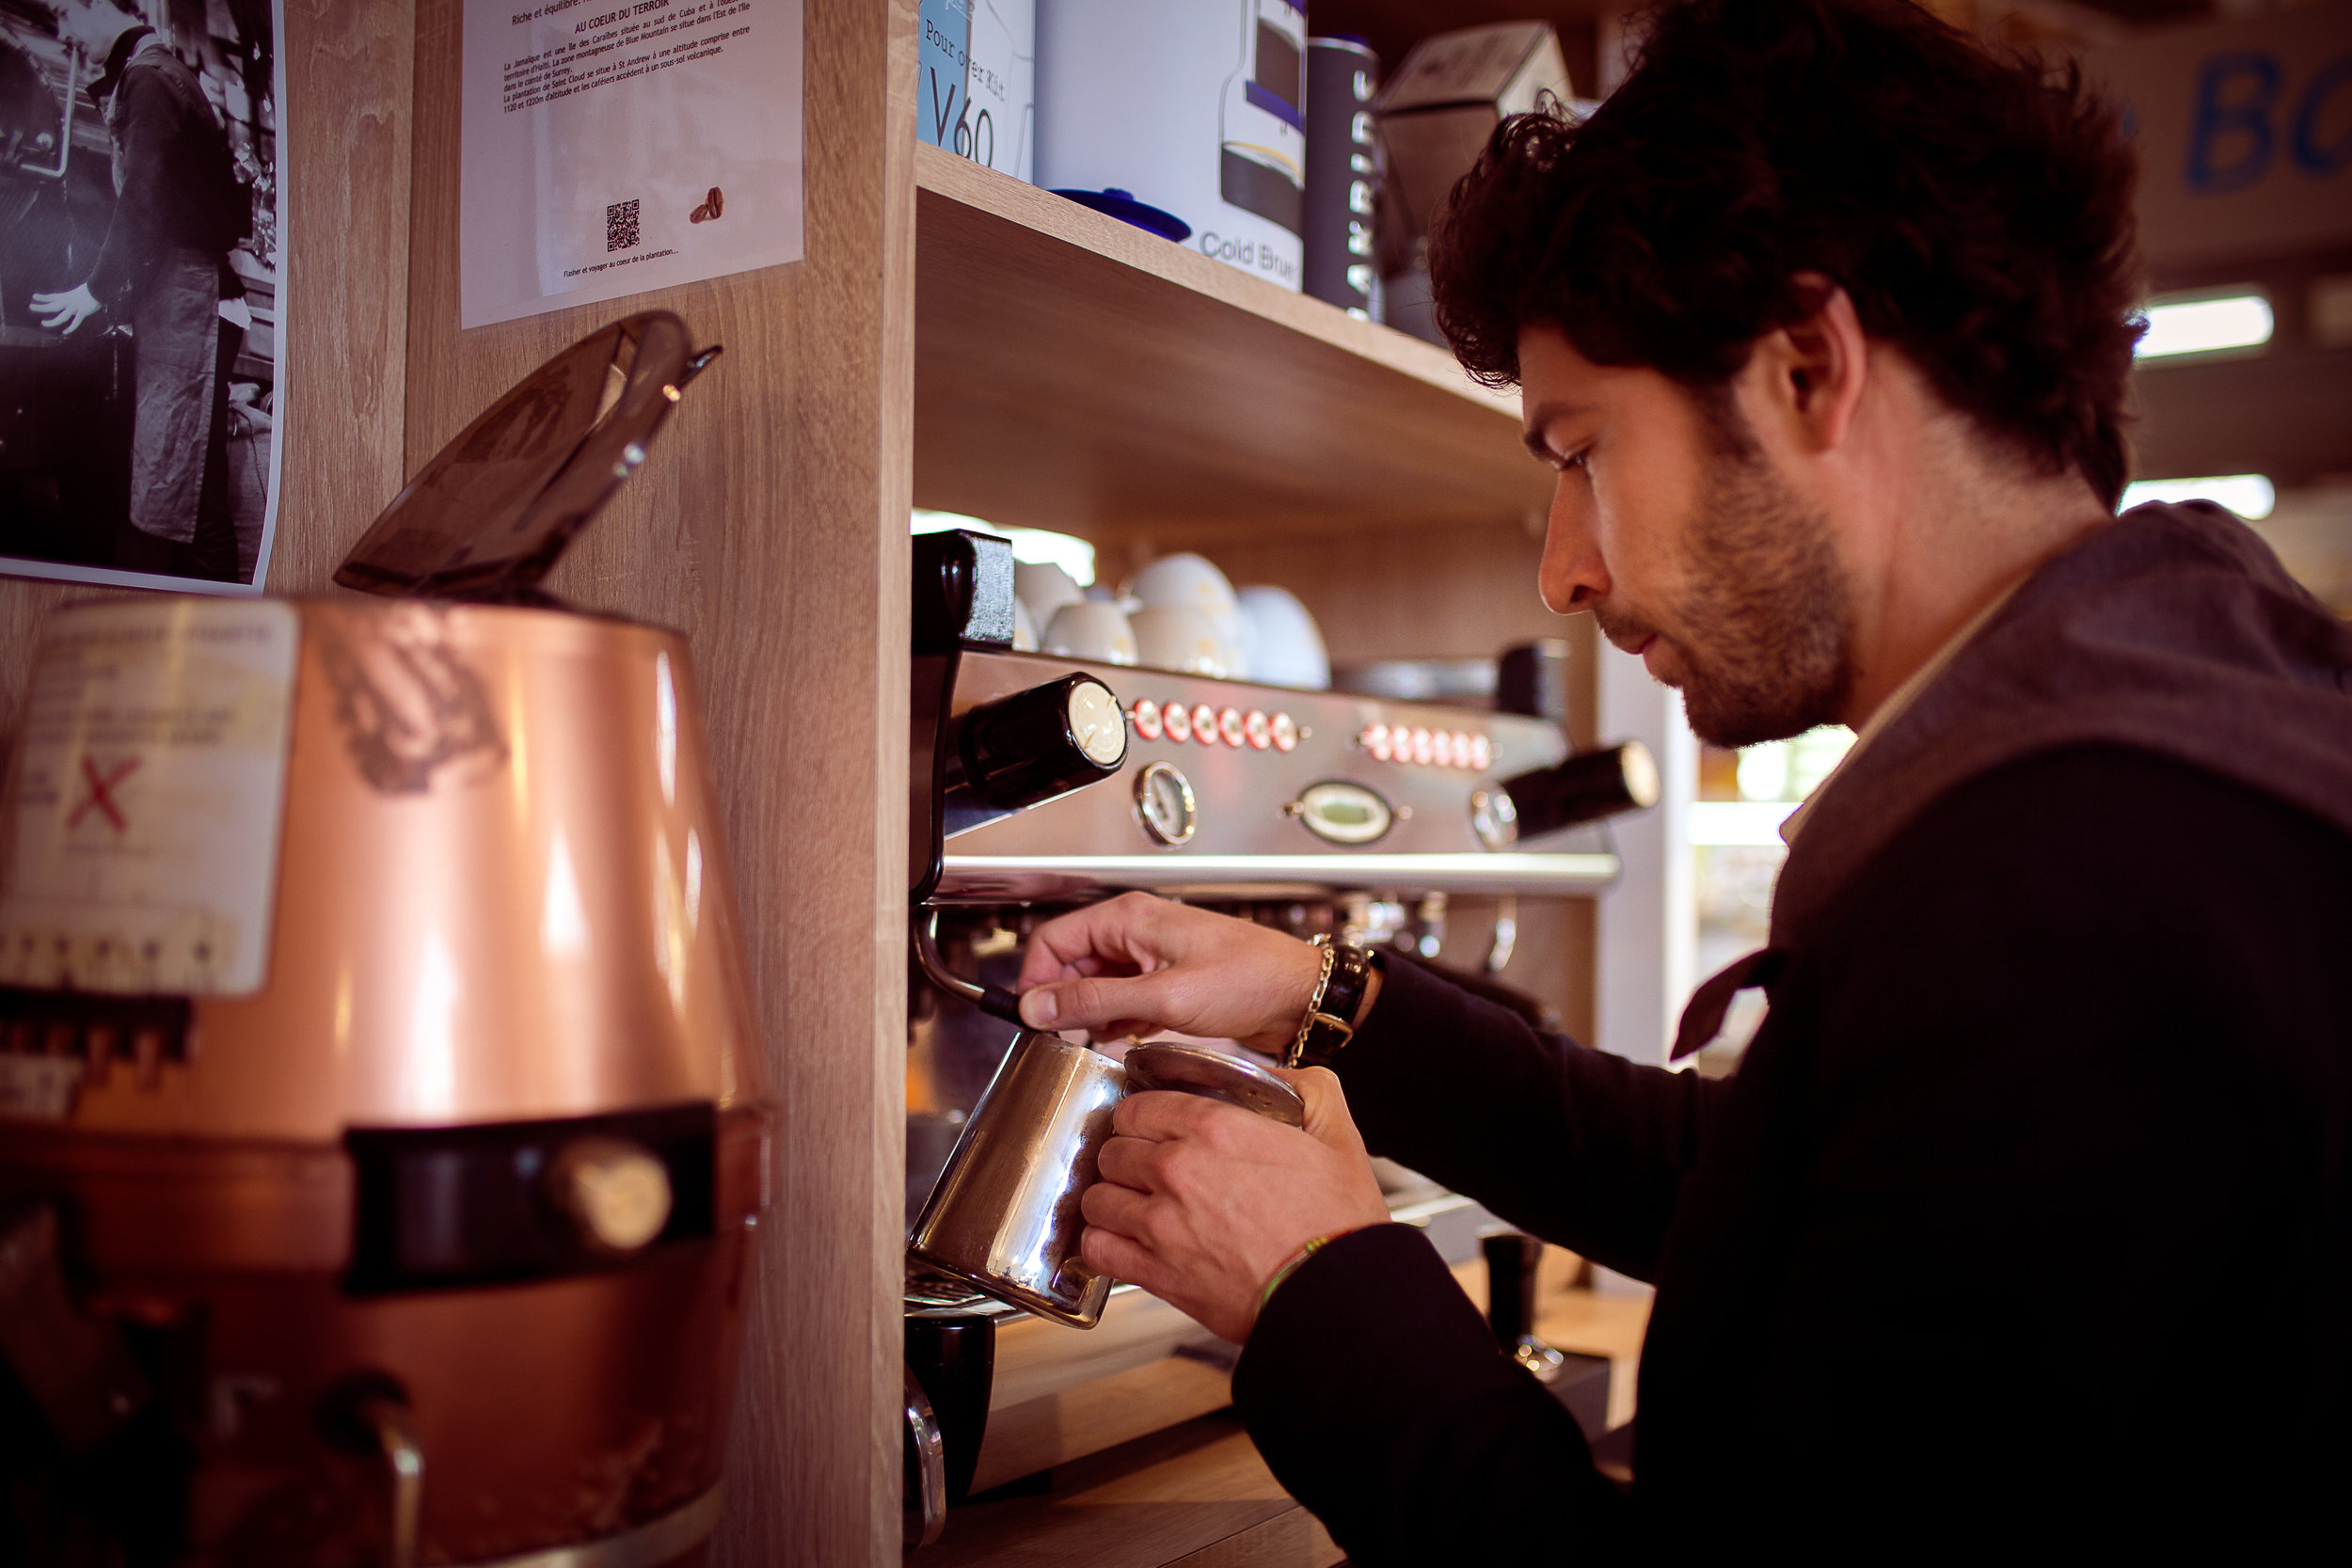 l'atypique3-normandie-équitable-consommer- autrement-caen-café-dauré-frères-aline-pictures.JPG